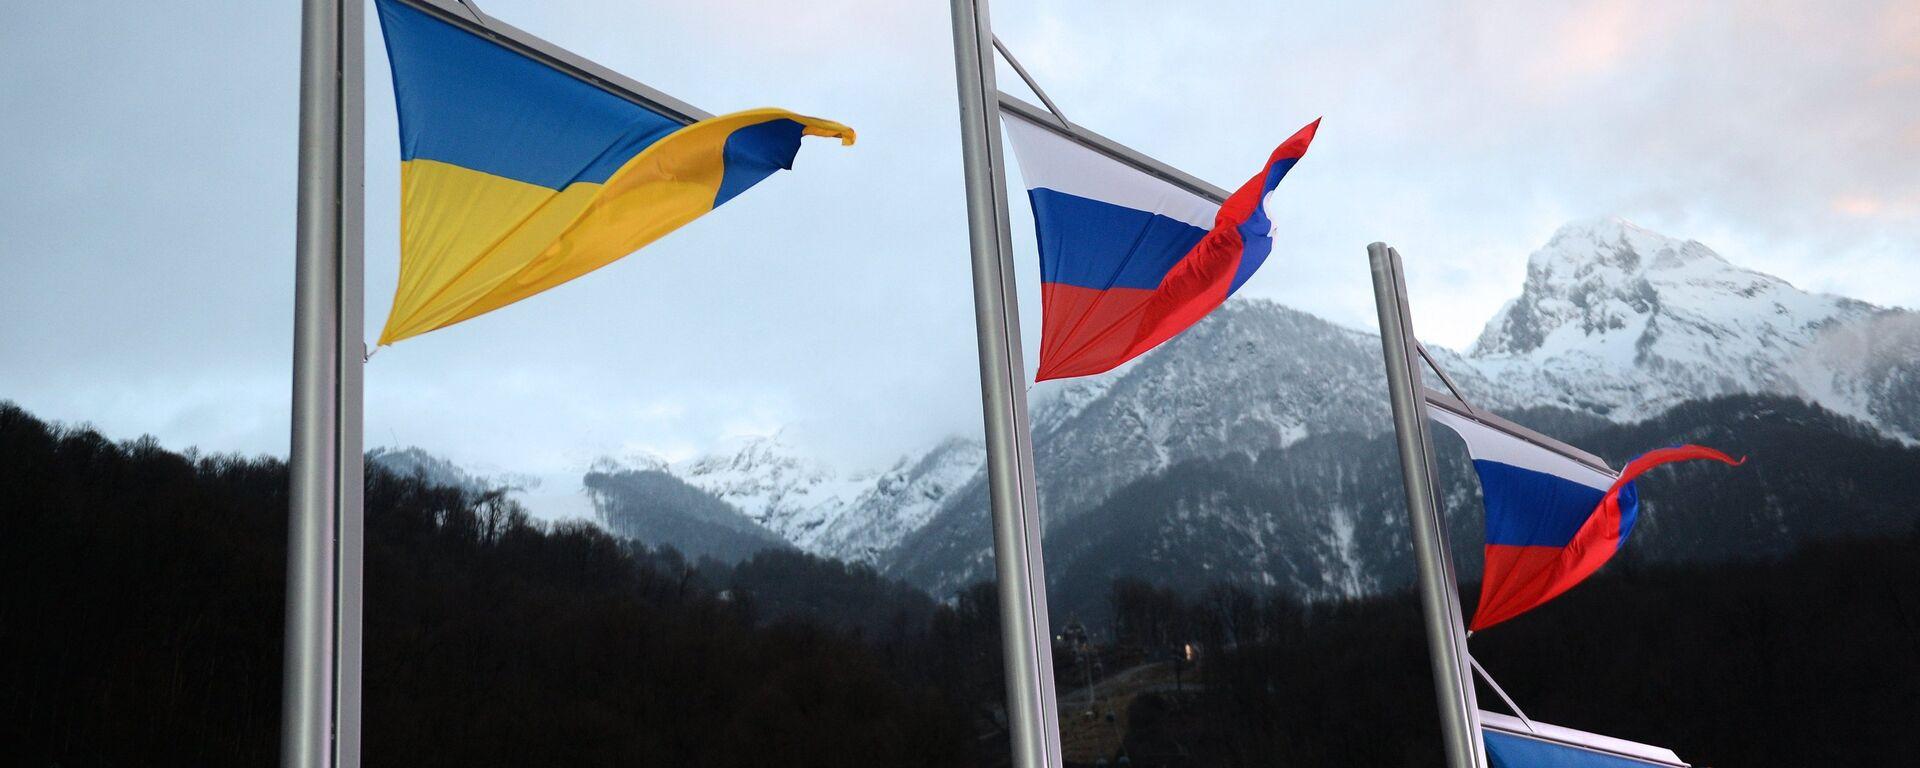 Zastave Ukrajine i Rusije - Sputnik Srbija, 1920, 03.04.2021